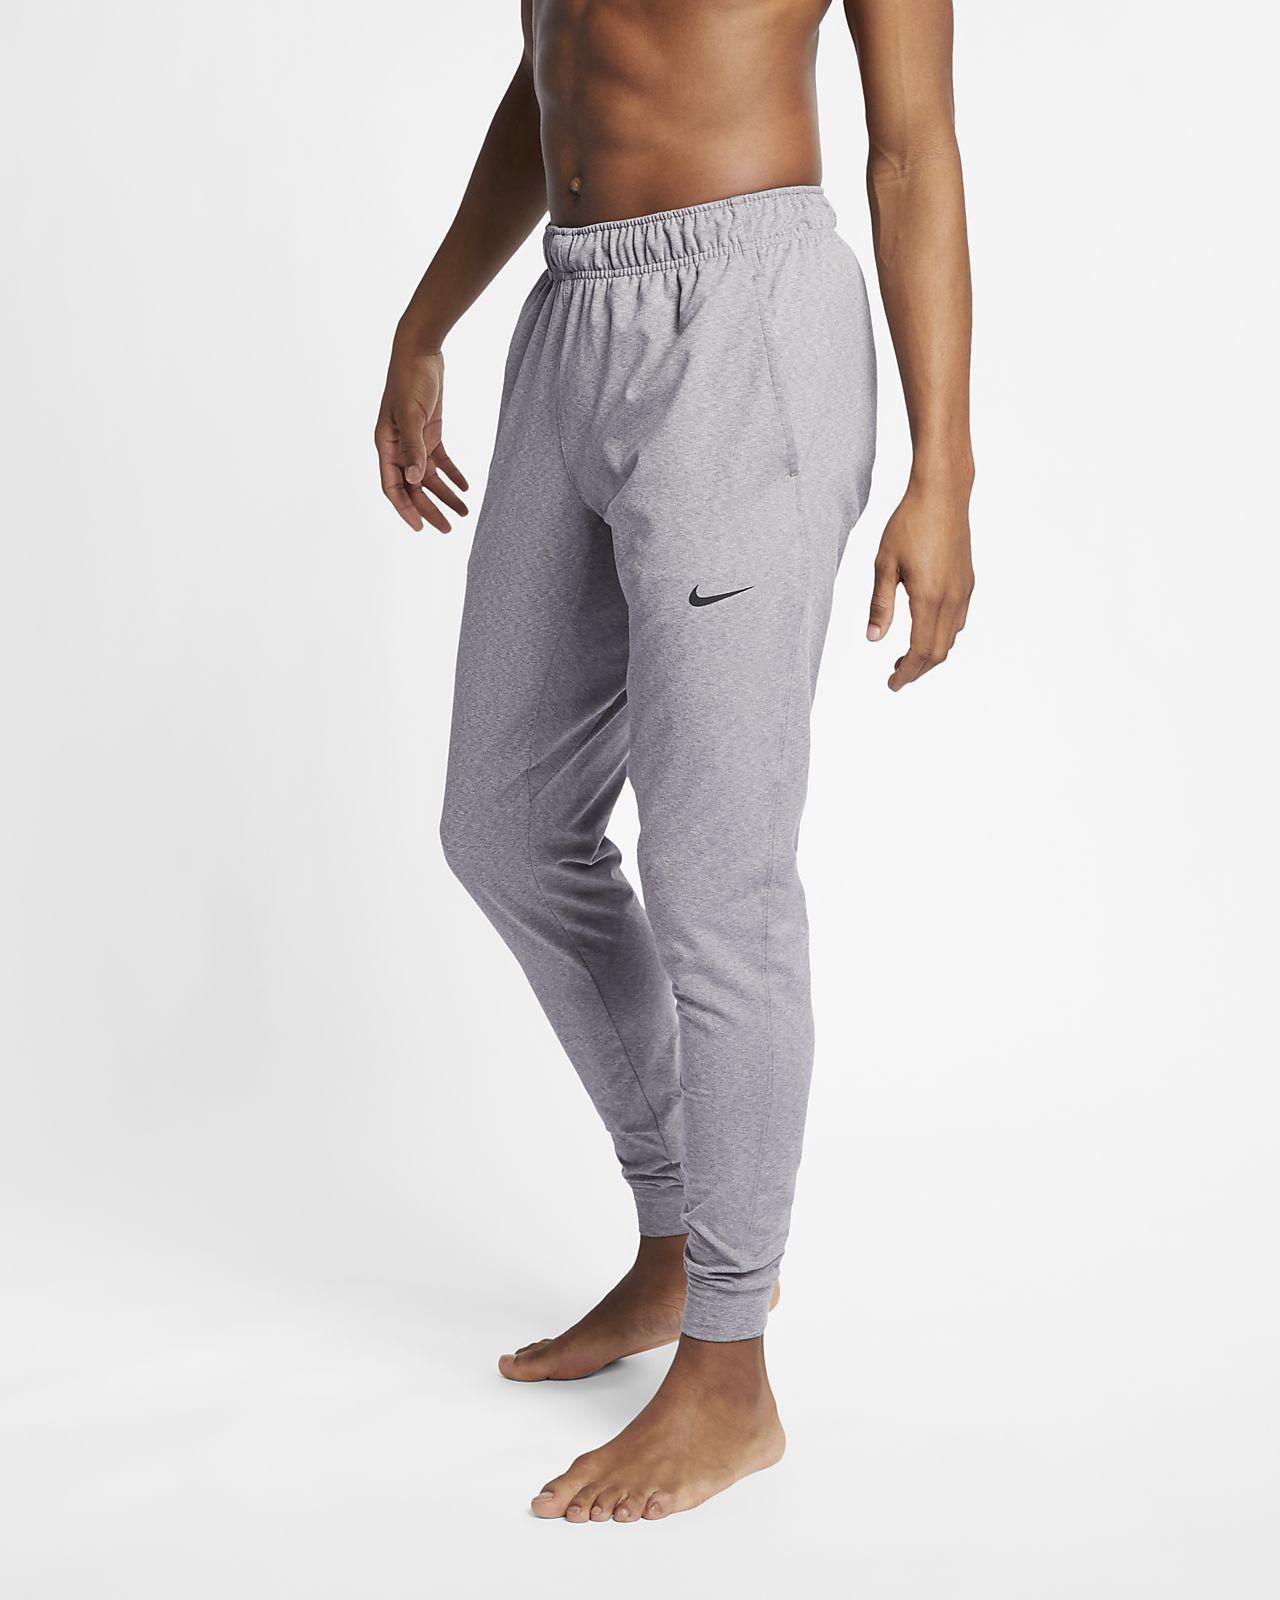 Nike Dri Fit Men S Yoga Trousers Nike Gb Yoga Pants Men Yoga Trousers Yoga For Men